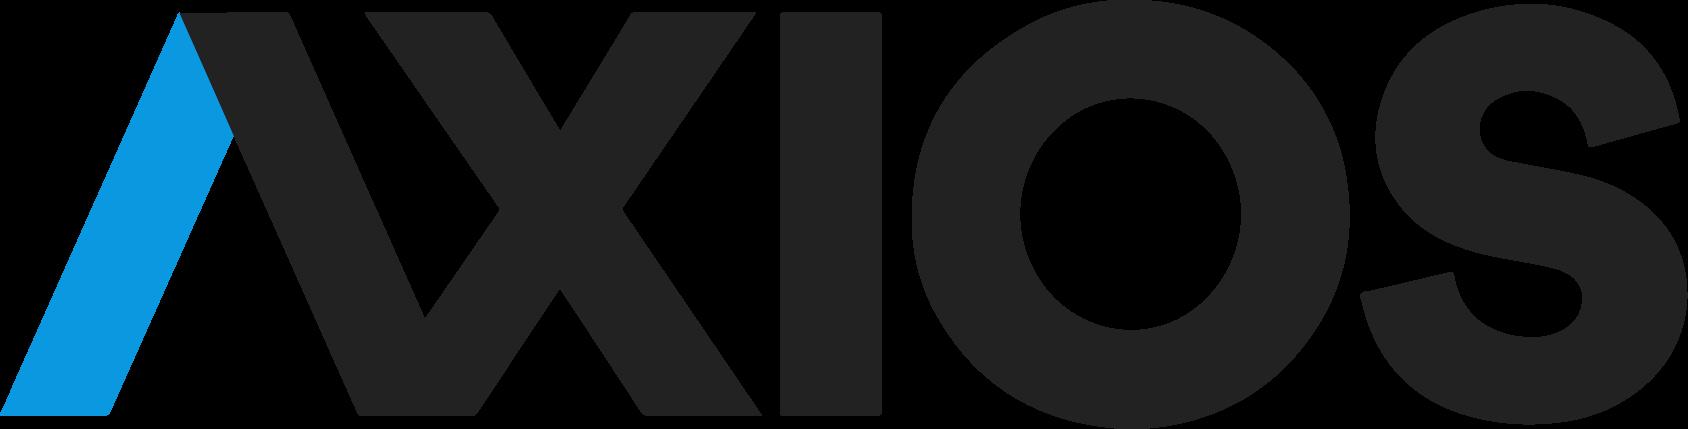 Axios Logo png